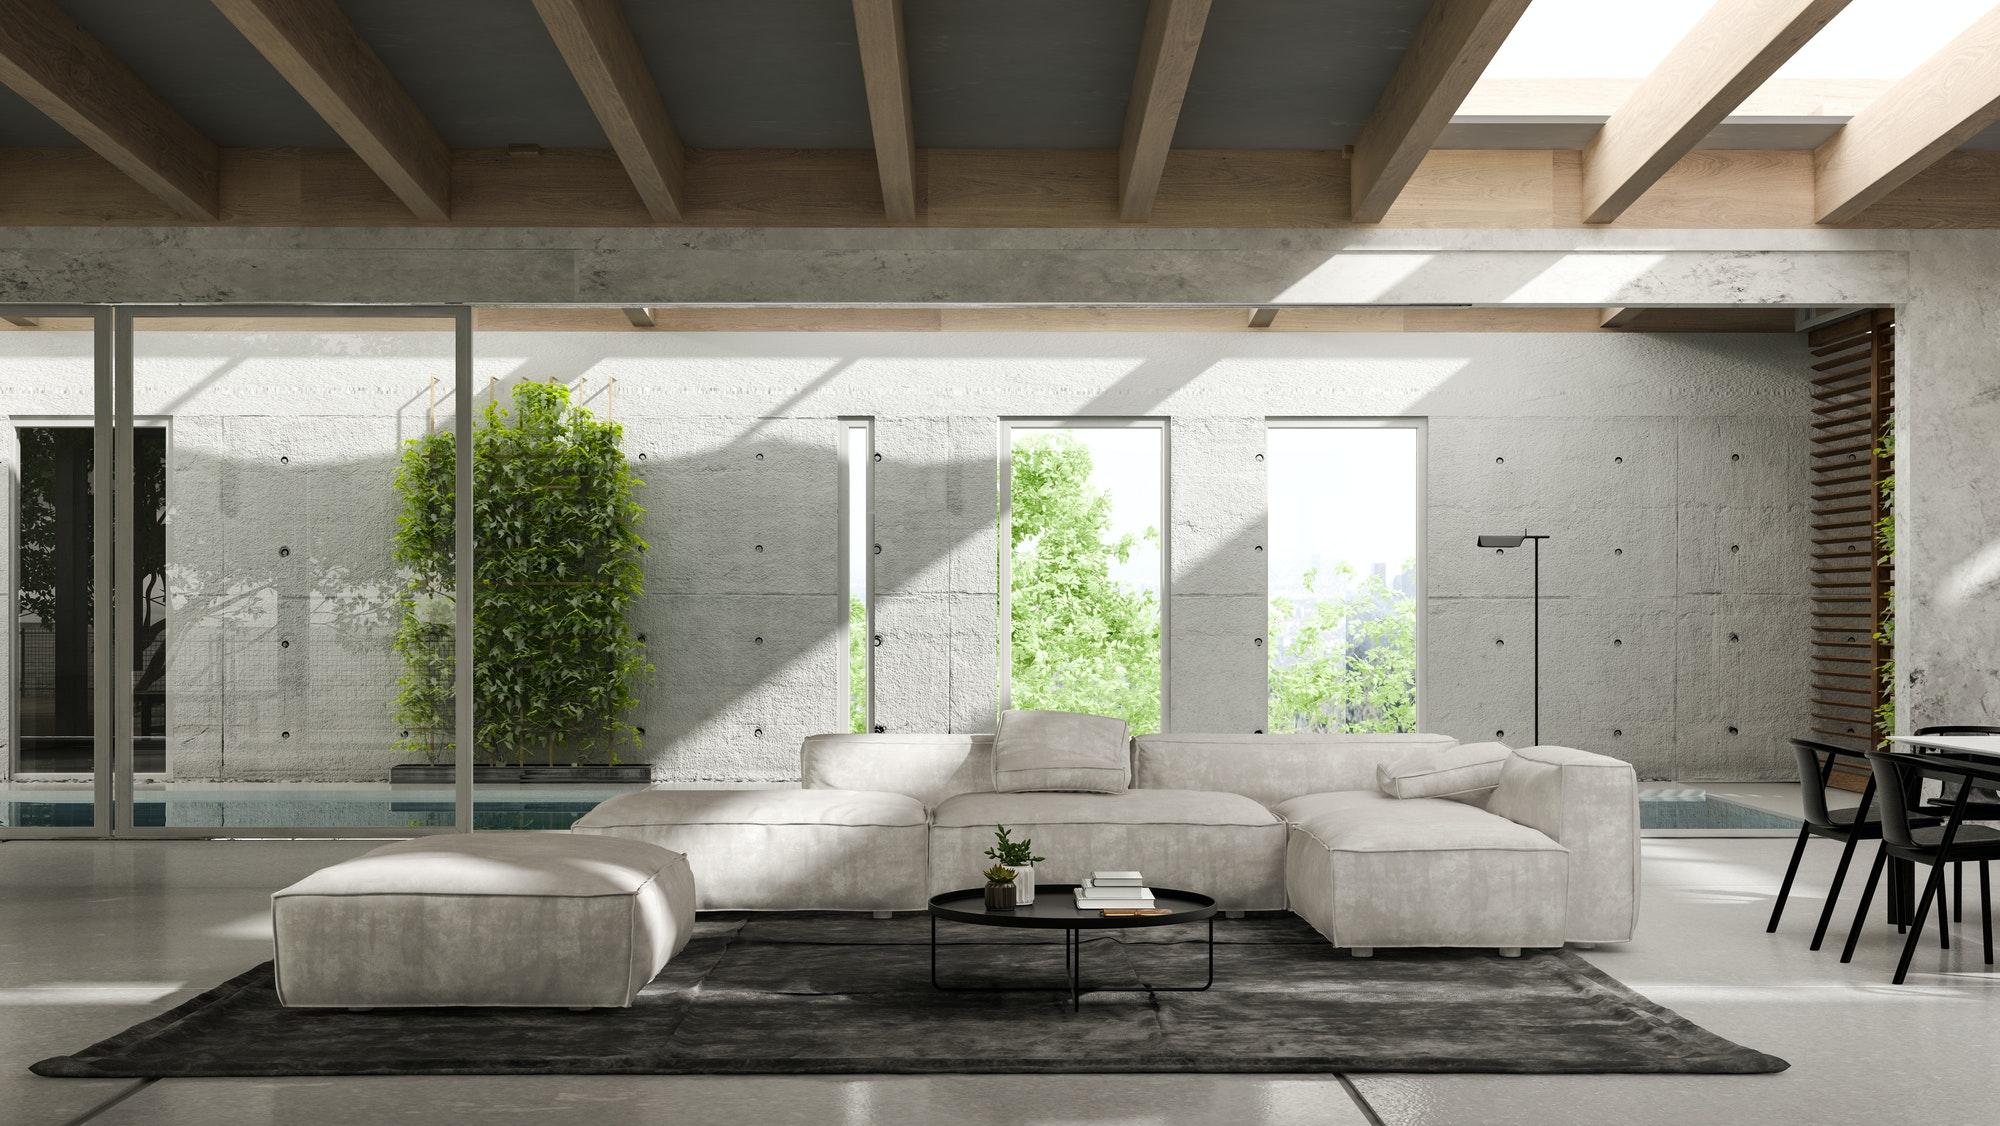 Reformas Chalets Alicante Interior de la moderna sala de estar con sofá